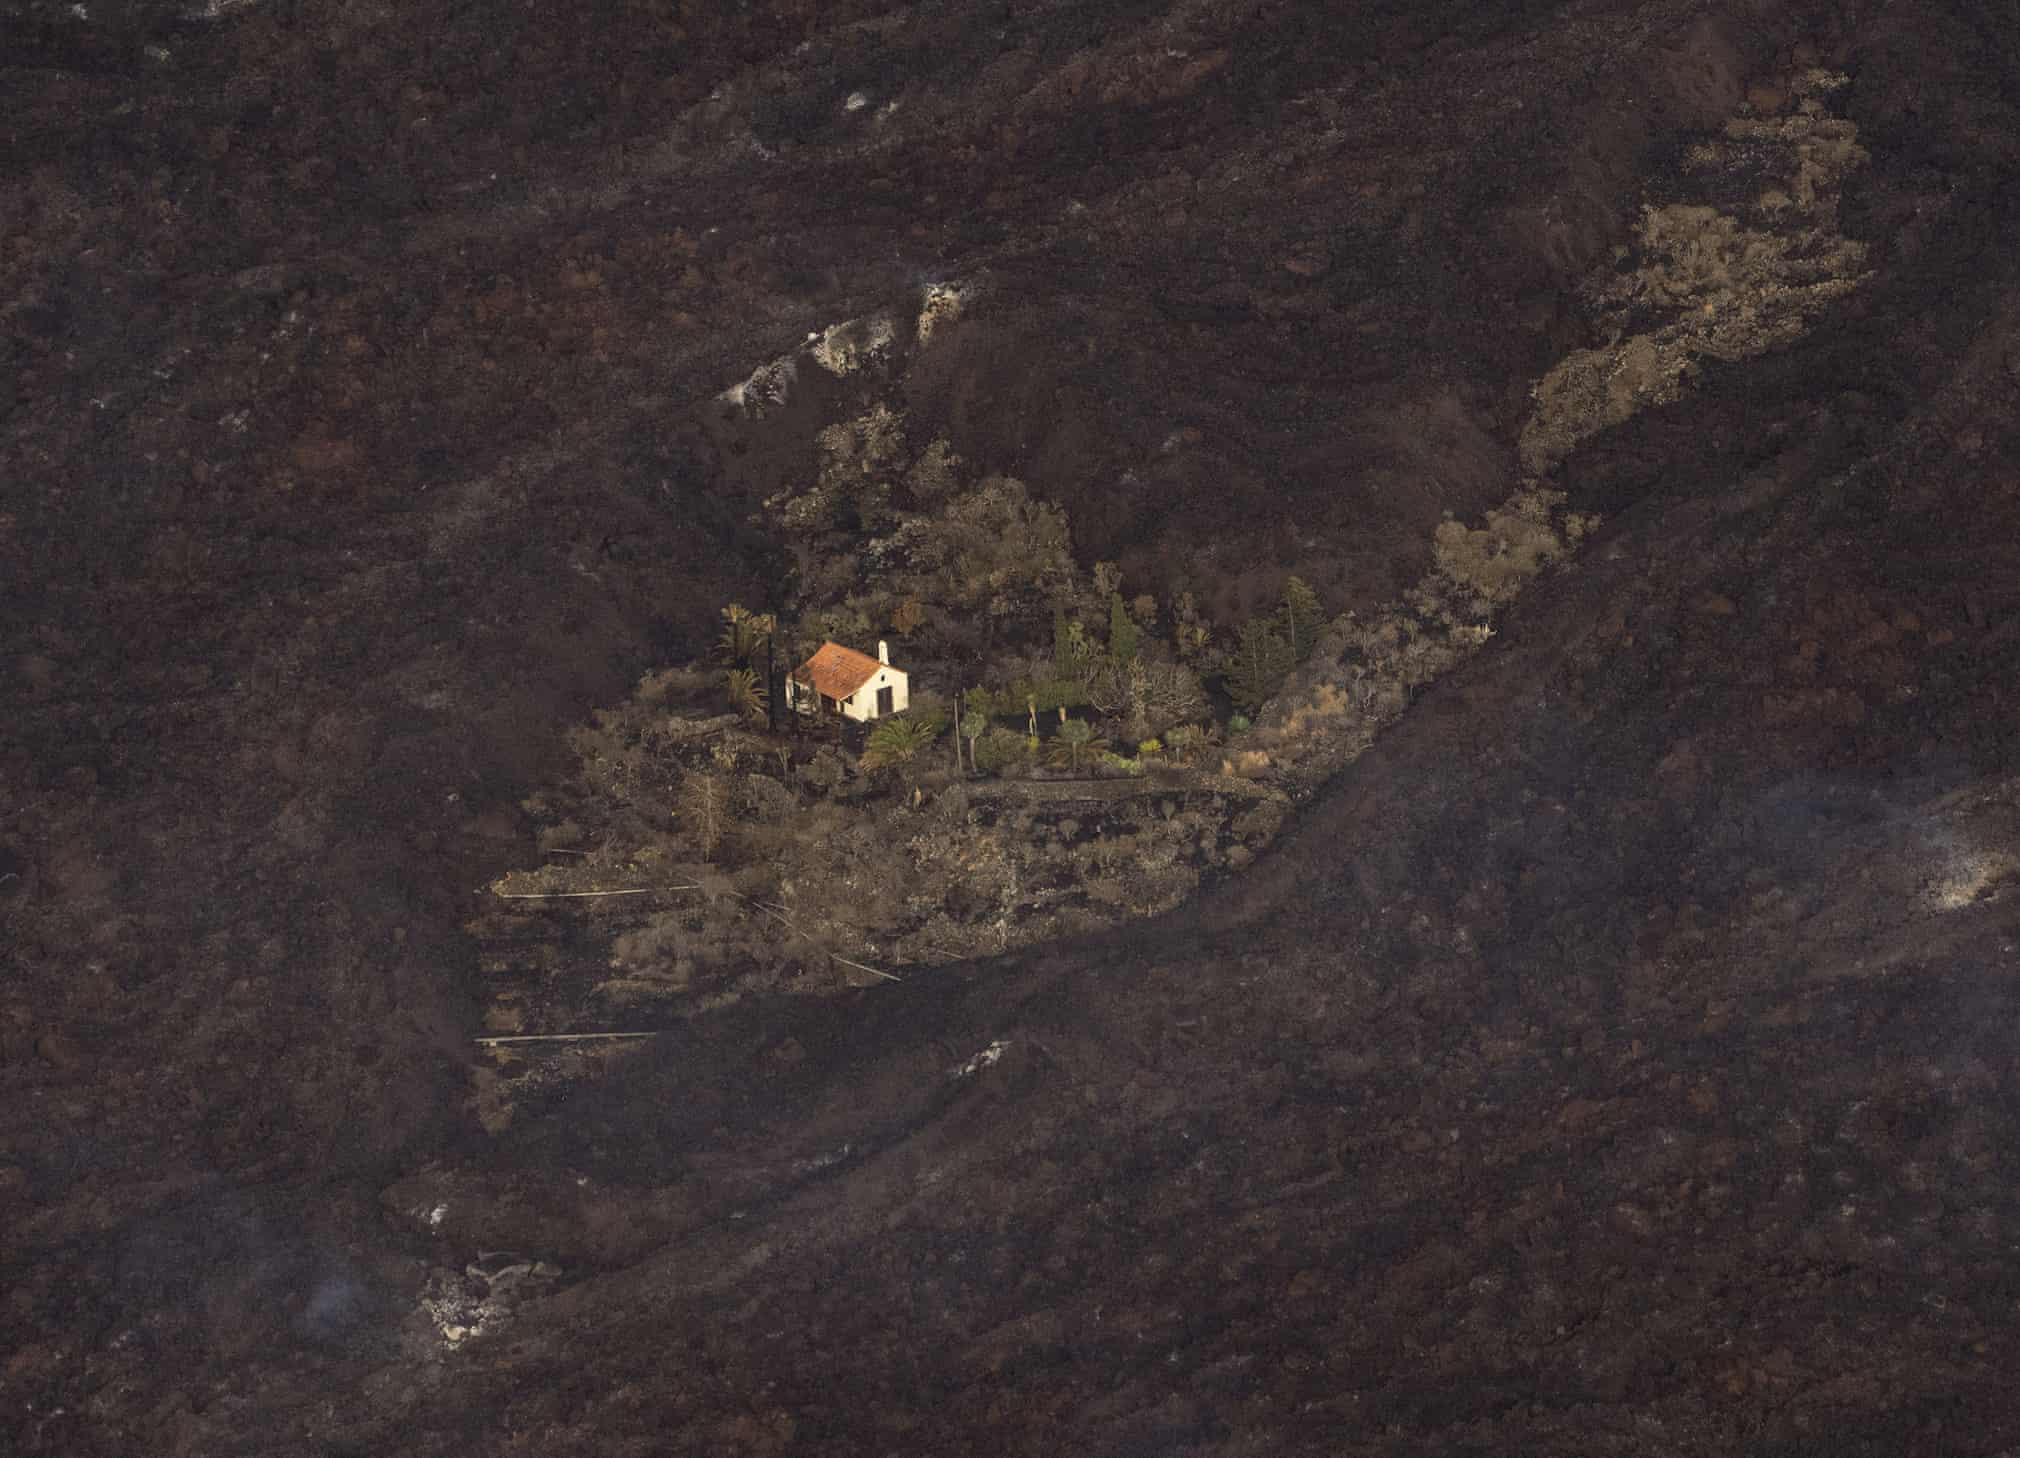 محاصره شدن خانه ای توسط گدازه های آتشفشان در جزایر قناری + عکس